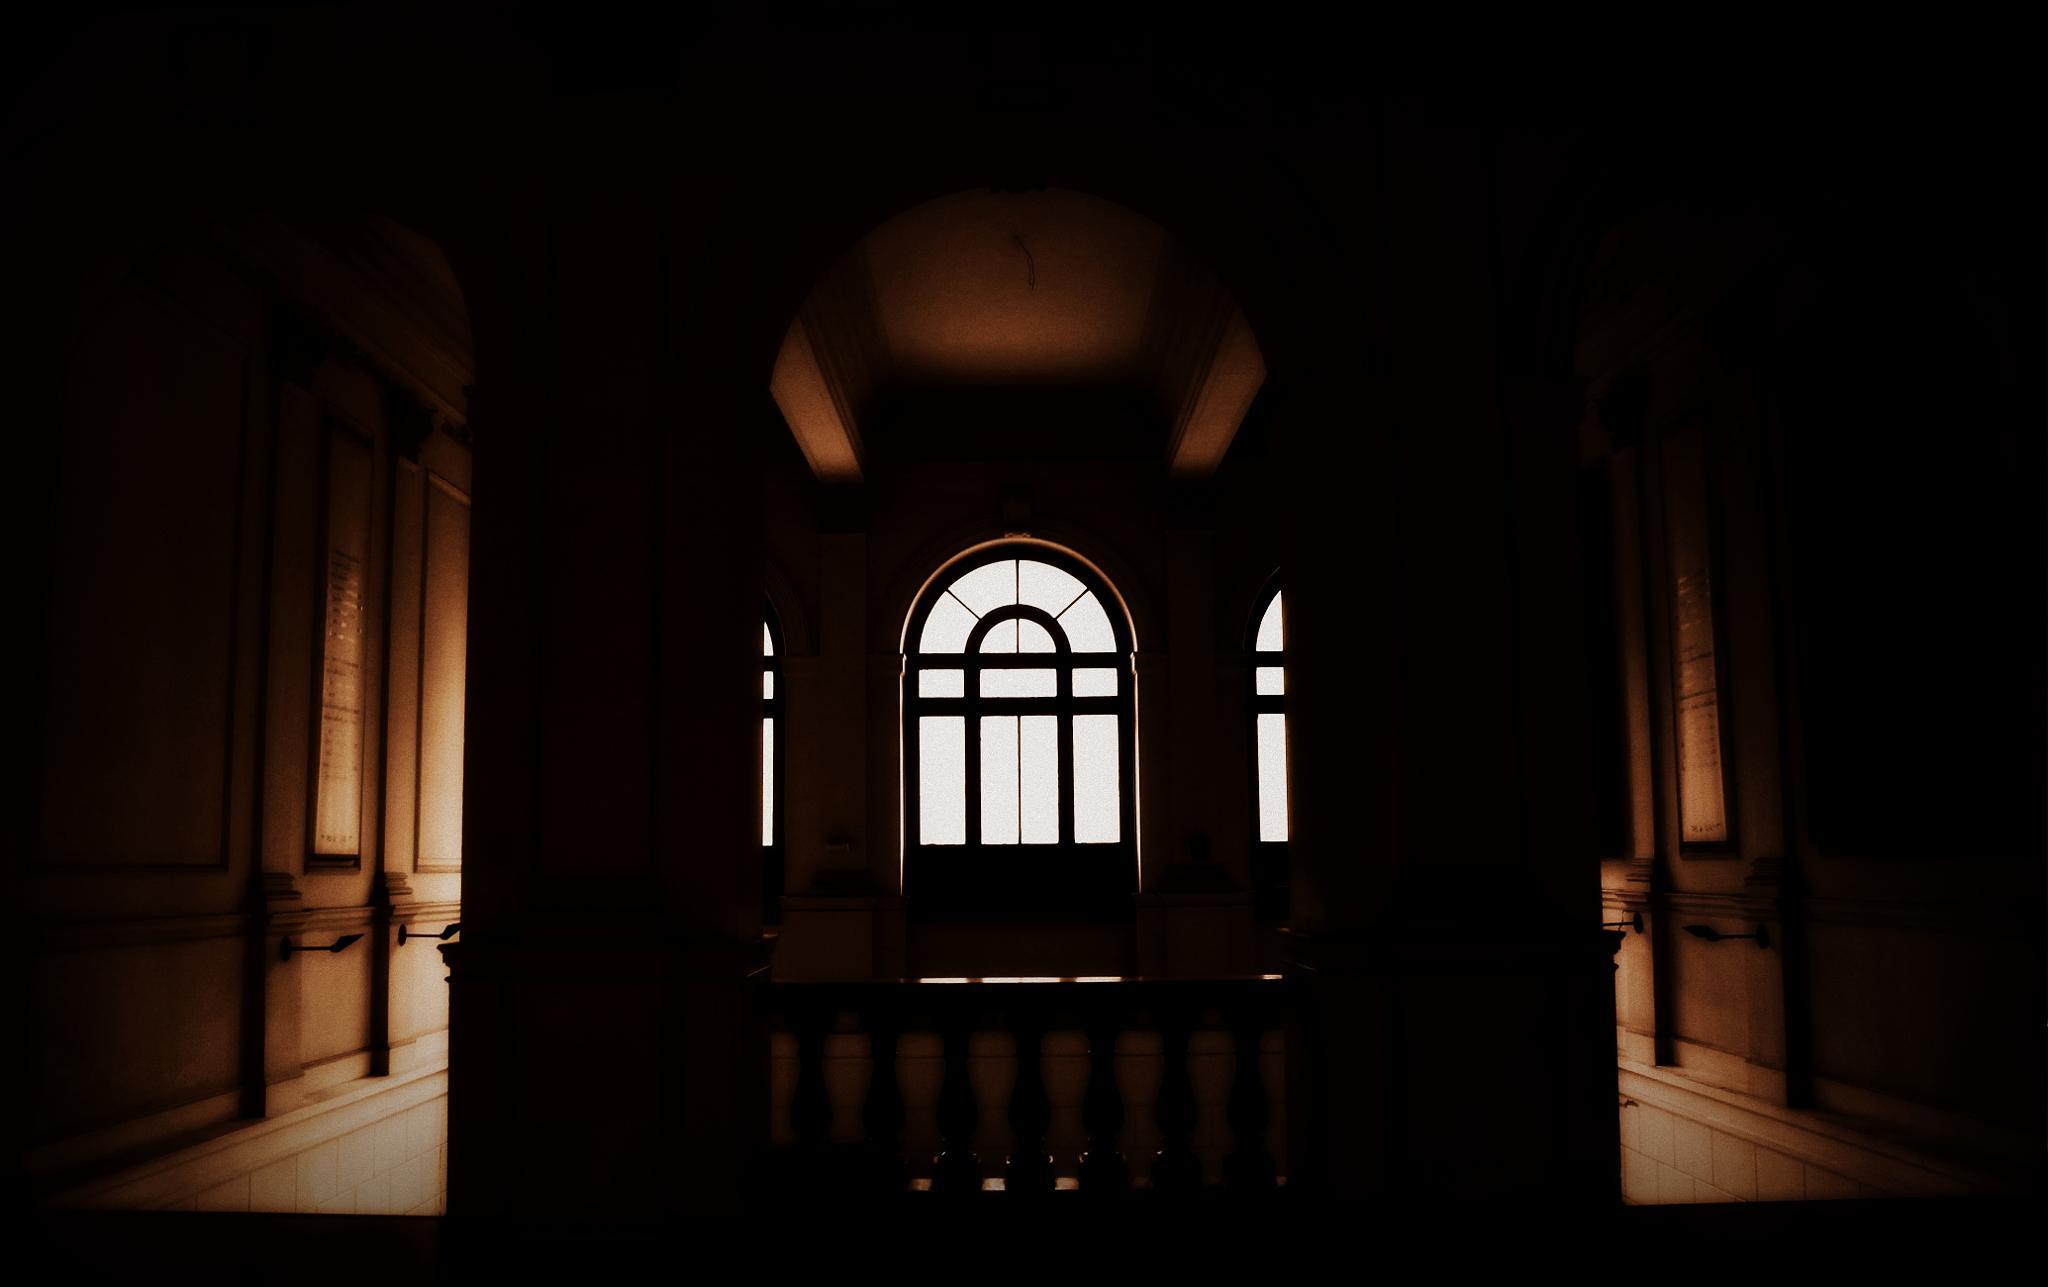 Portal by perfectdrug58